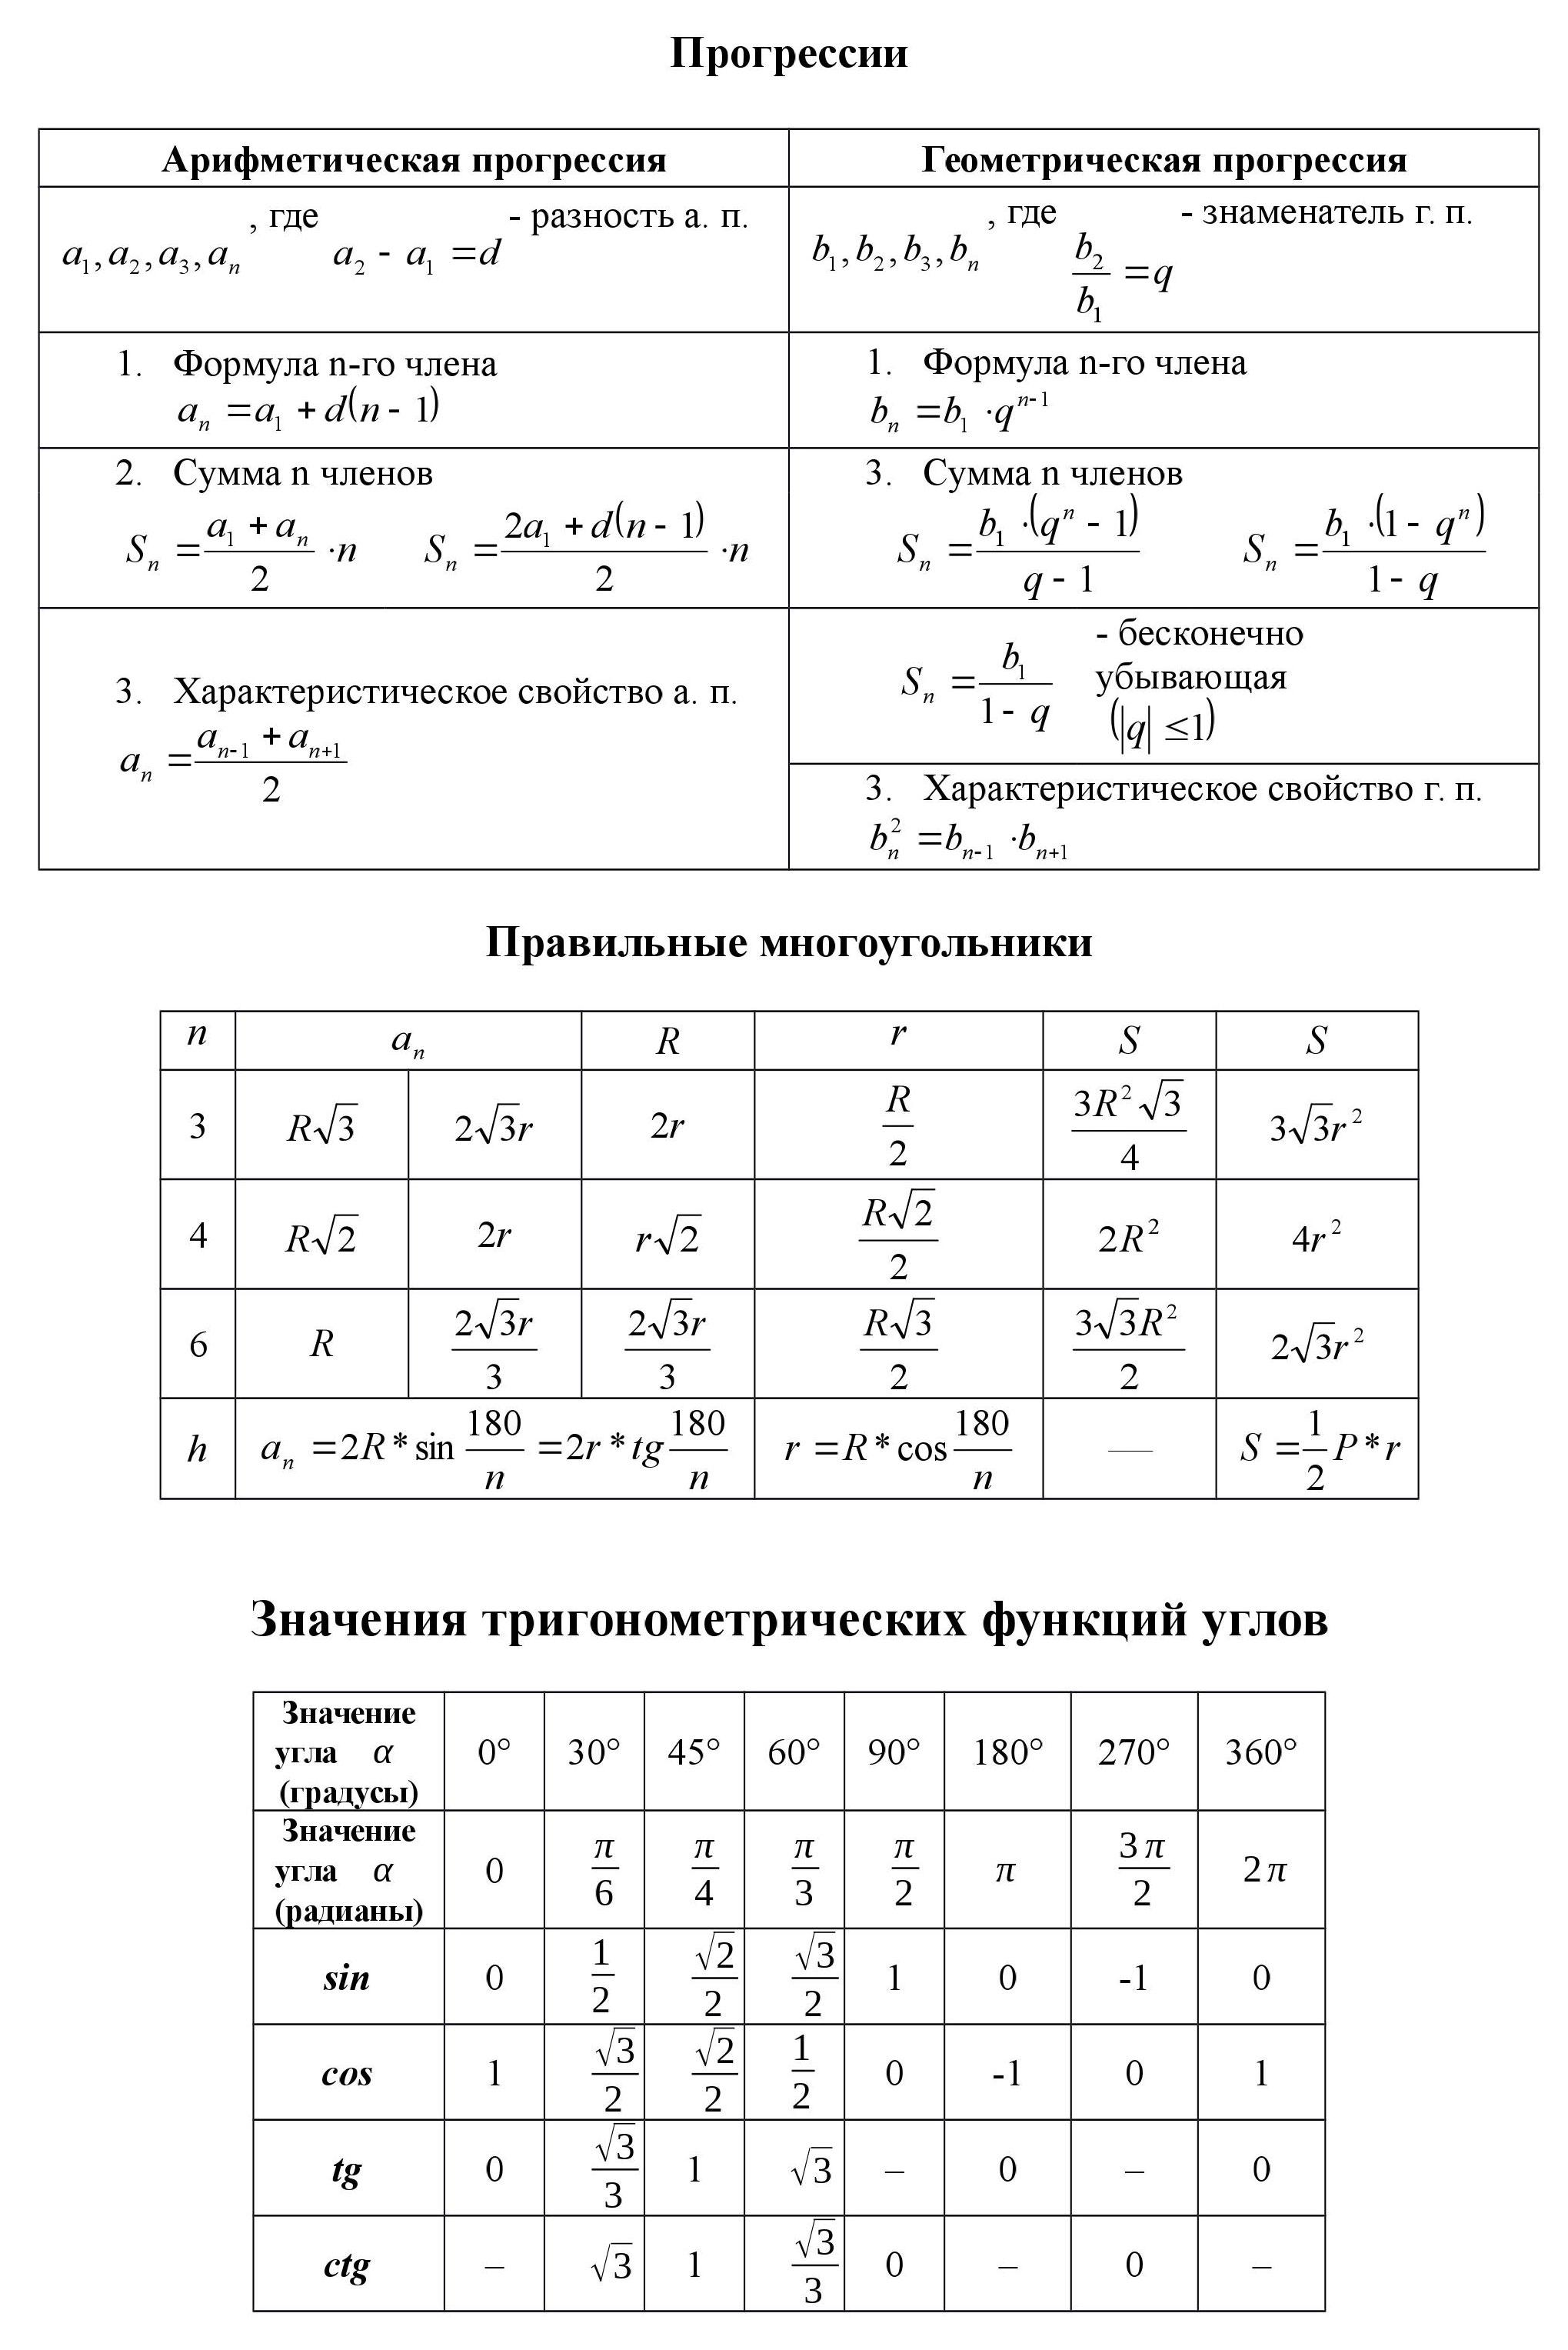 Конспект по математике, прогрессии, правильные многоугольники, значения тригонометрических функций углов, функция y=sin x свойства